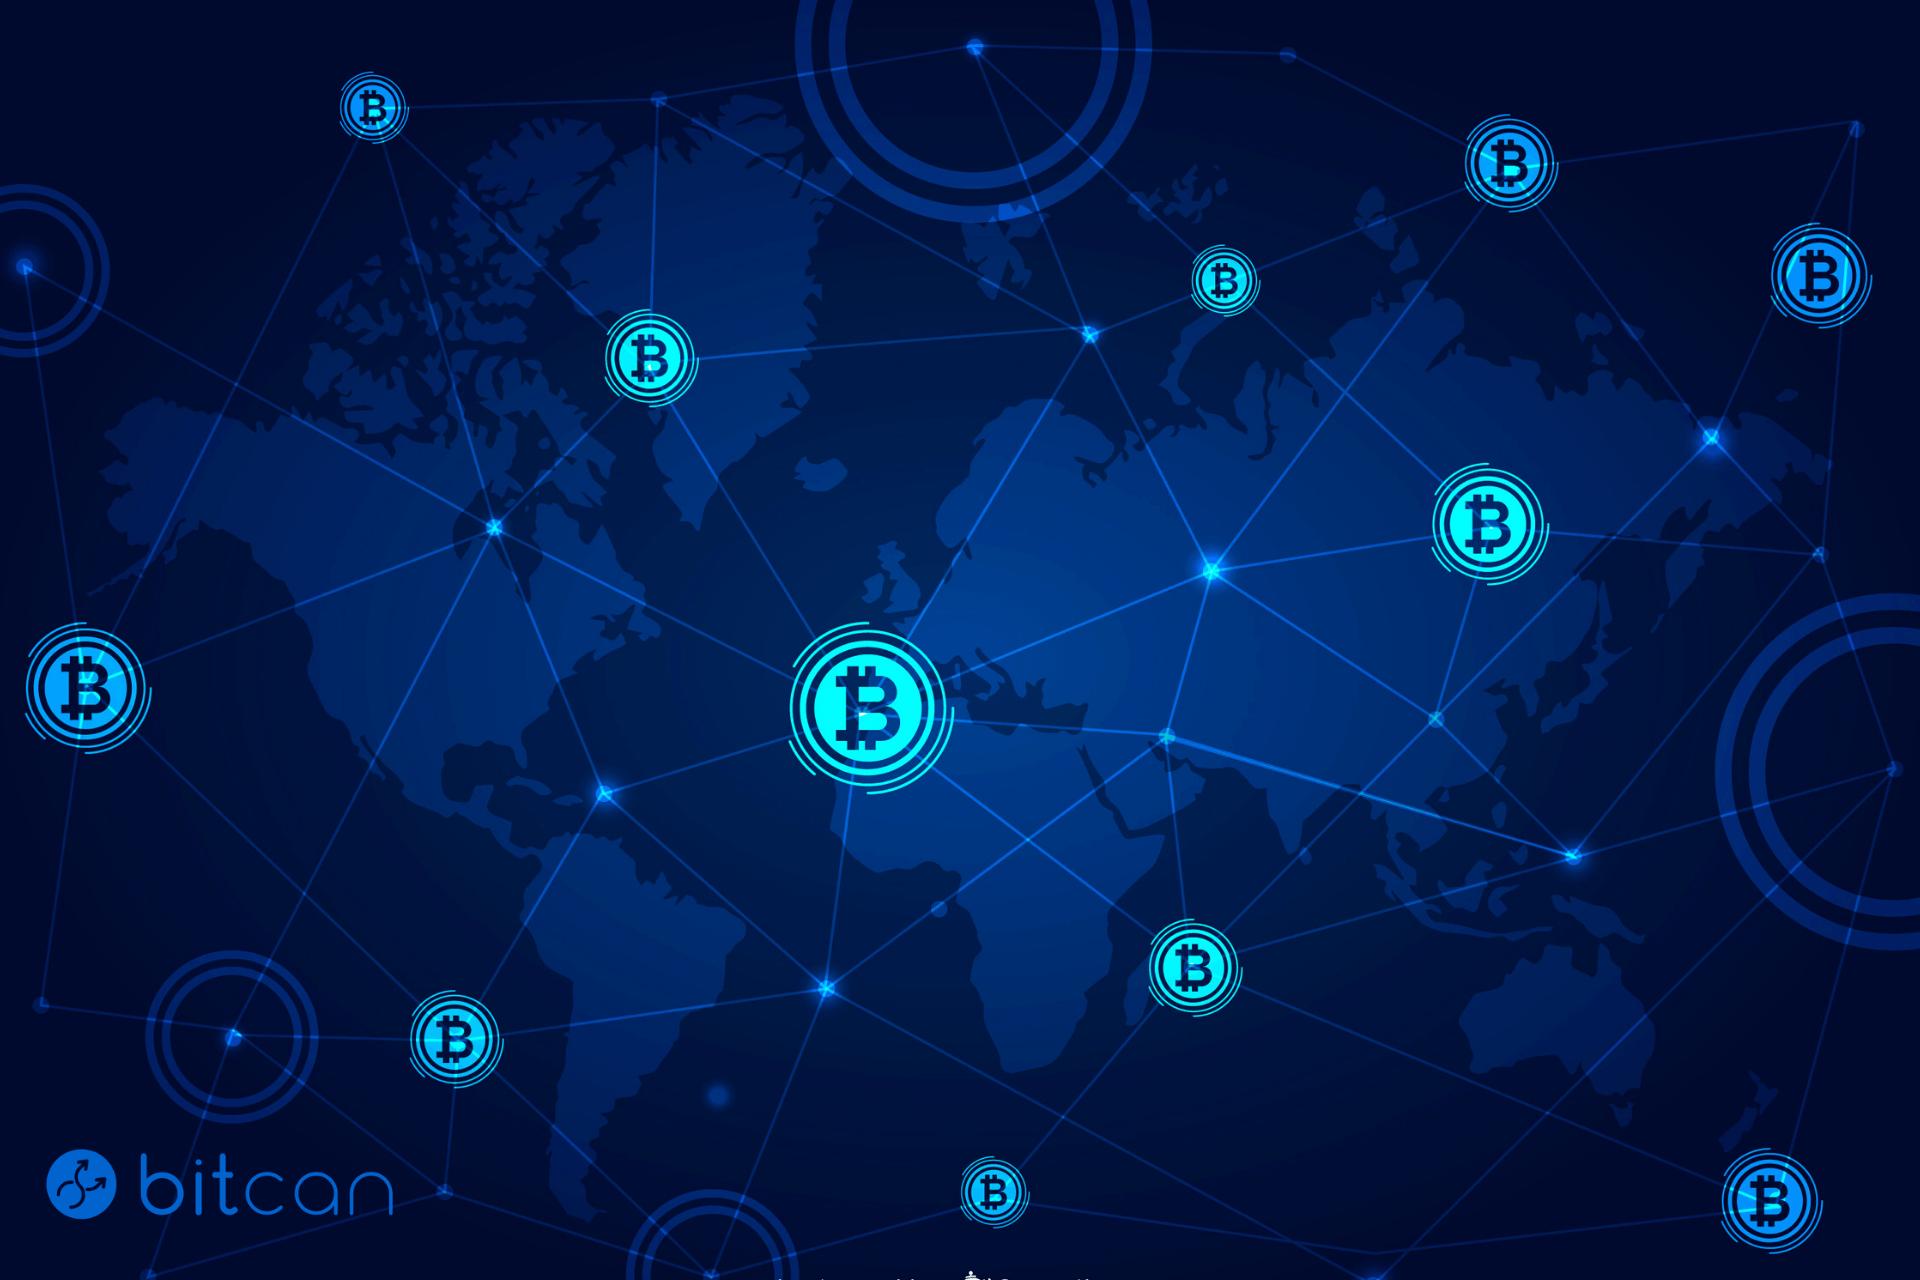 Gdzie można płacić bitcoinem? Sprawdź, gdzie zapłacisz w kryptowalucie